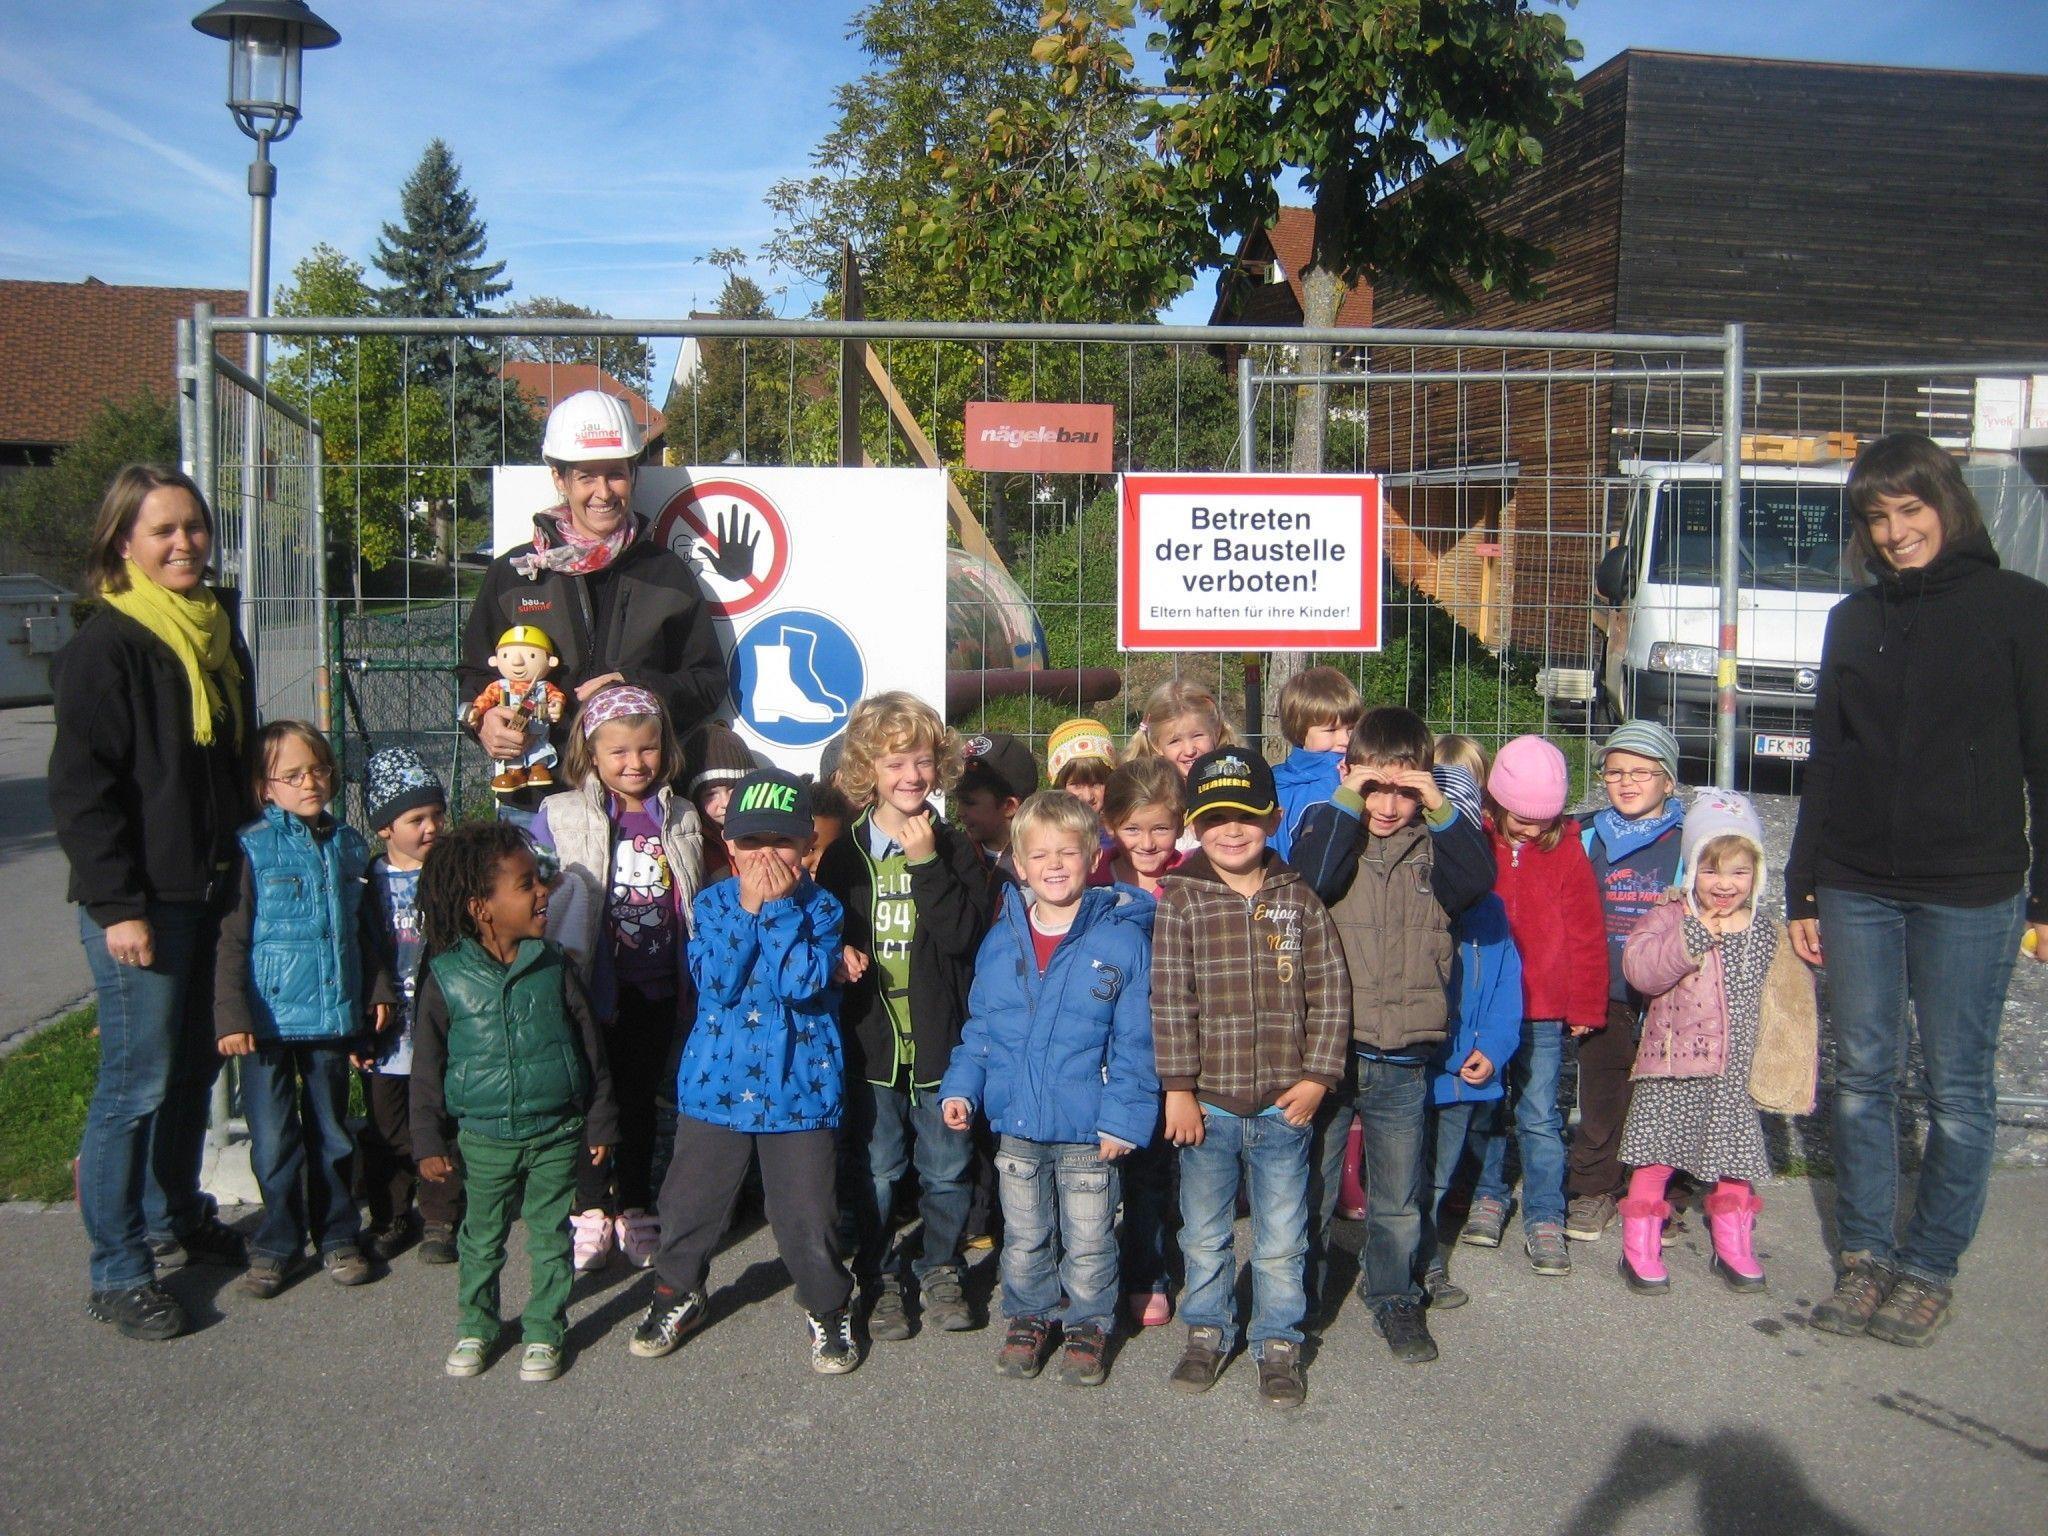 Petra Mathis-Matt MSc.Arch. (mit Helm) mit den Kindern und den Kindergartenpädagoginnen Claudia Breuß (Leiterin, re.) und Elke Nachbaur-Marte bei der Baustellenbesichtigung.